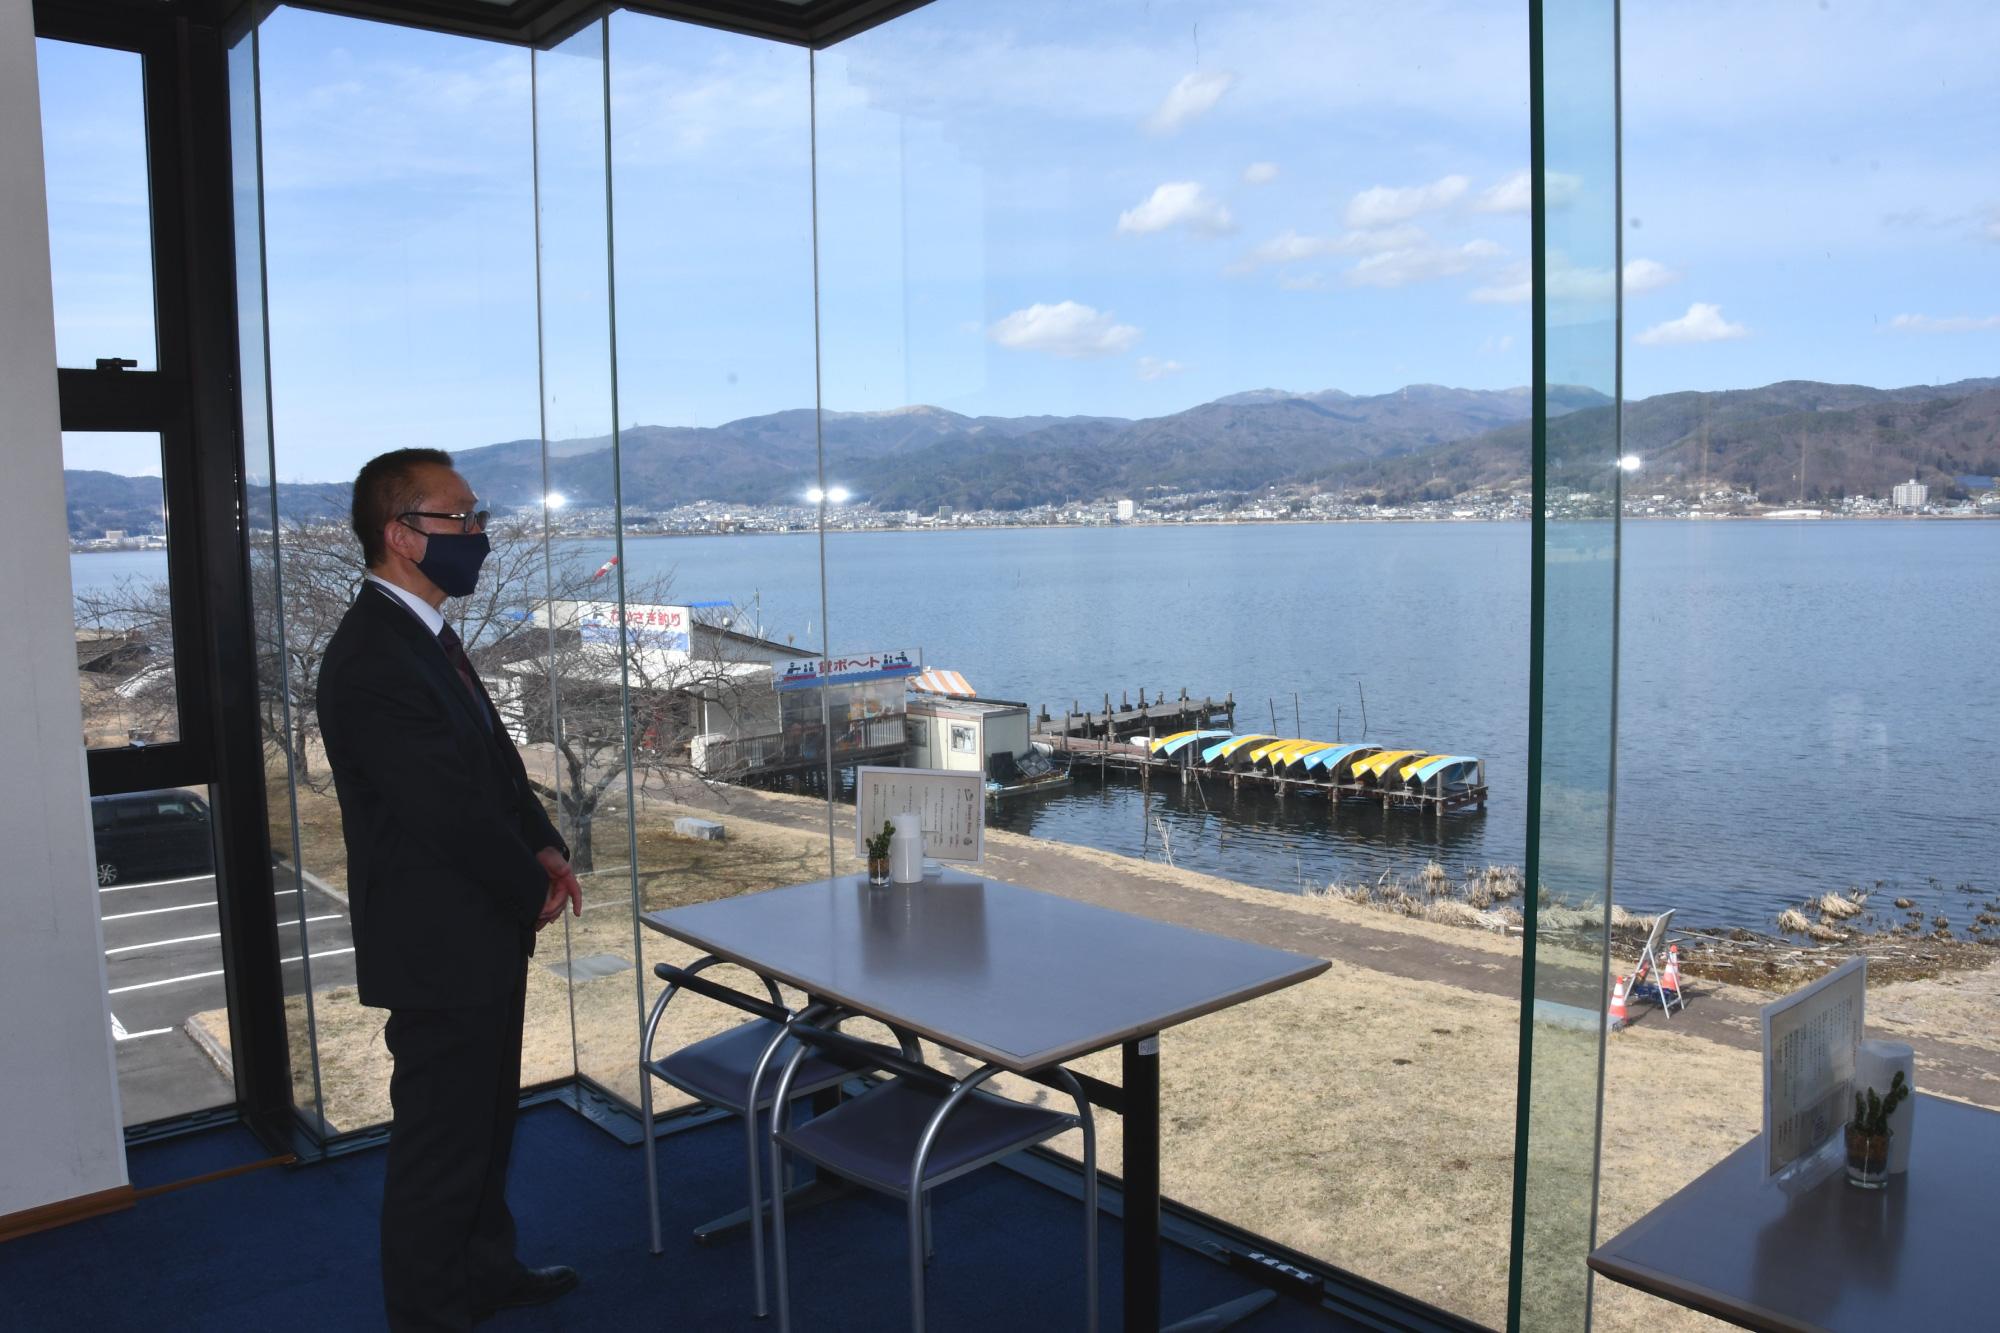 原田泰治美術館でリモートワークを 諏訪湖一望の有料スペース新設